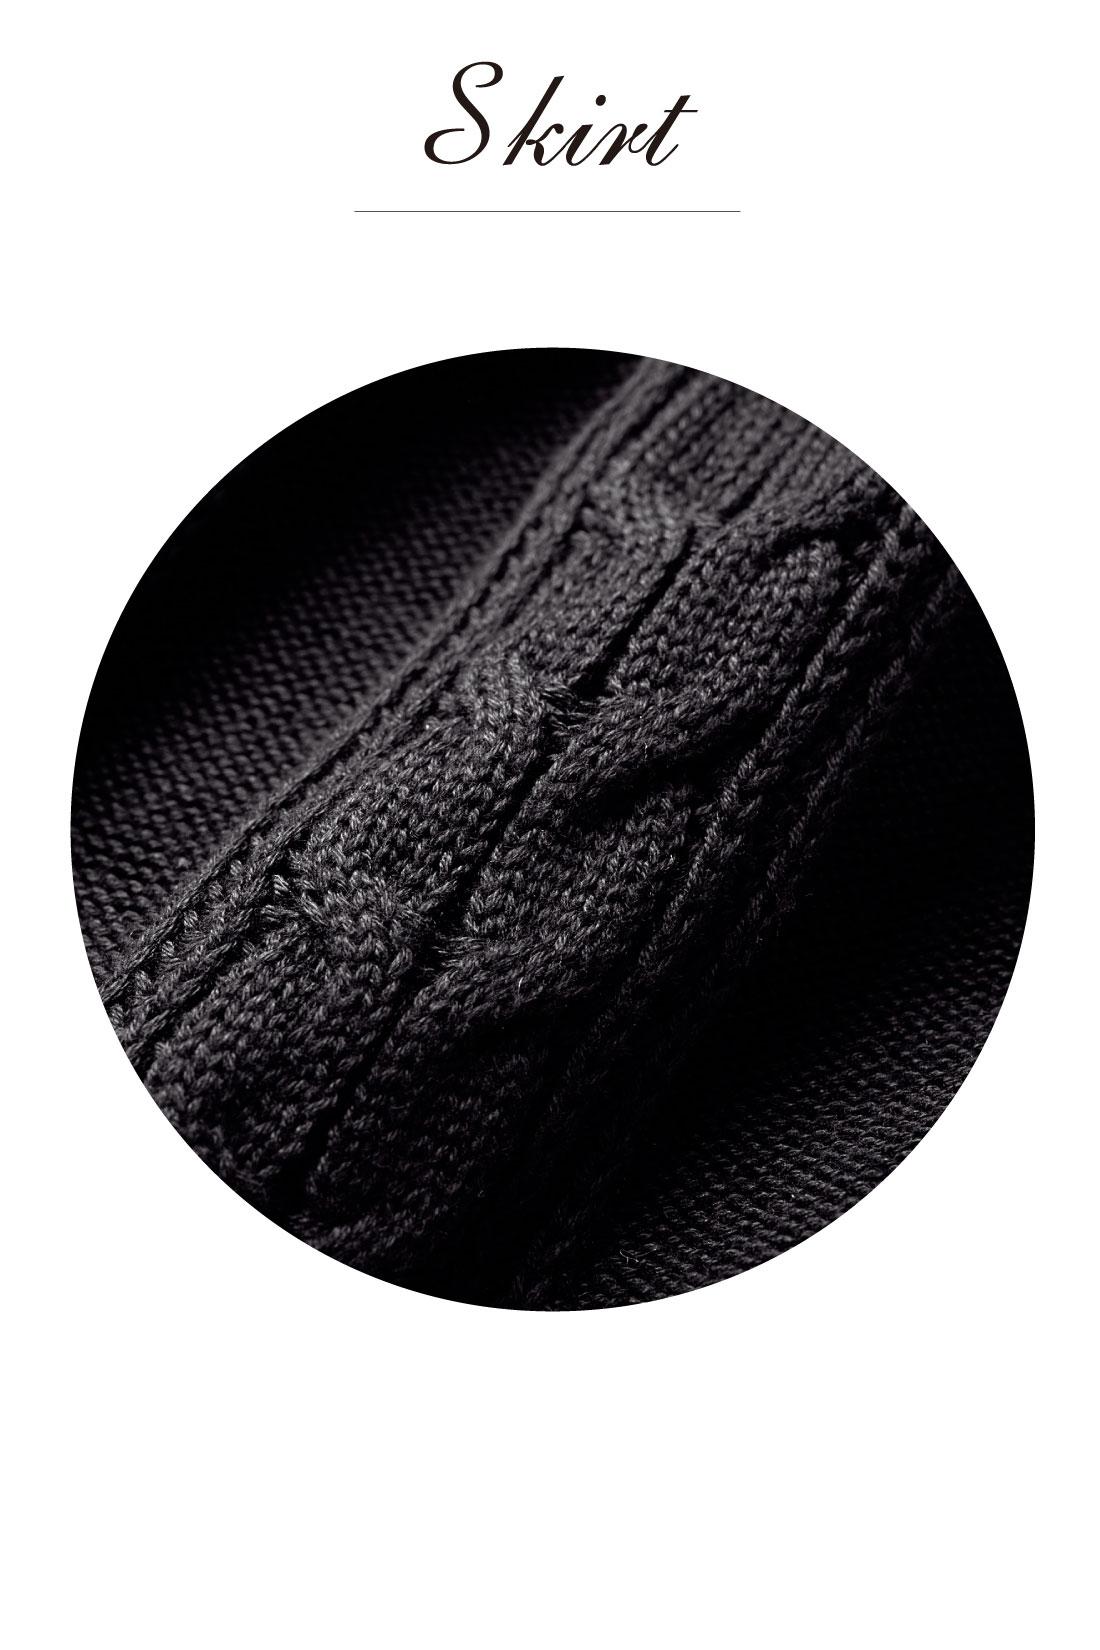 Skirt やわらかな肌ざわりのニットは、薄手でチクチクしにくく、ドレープ感のある素材。